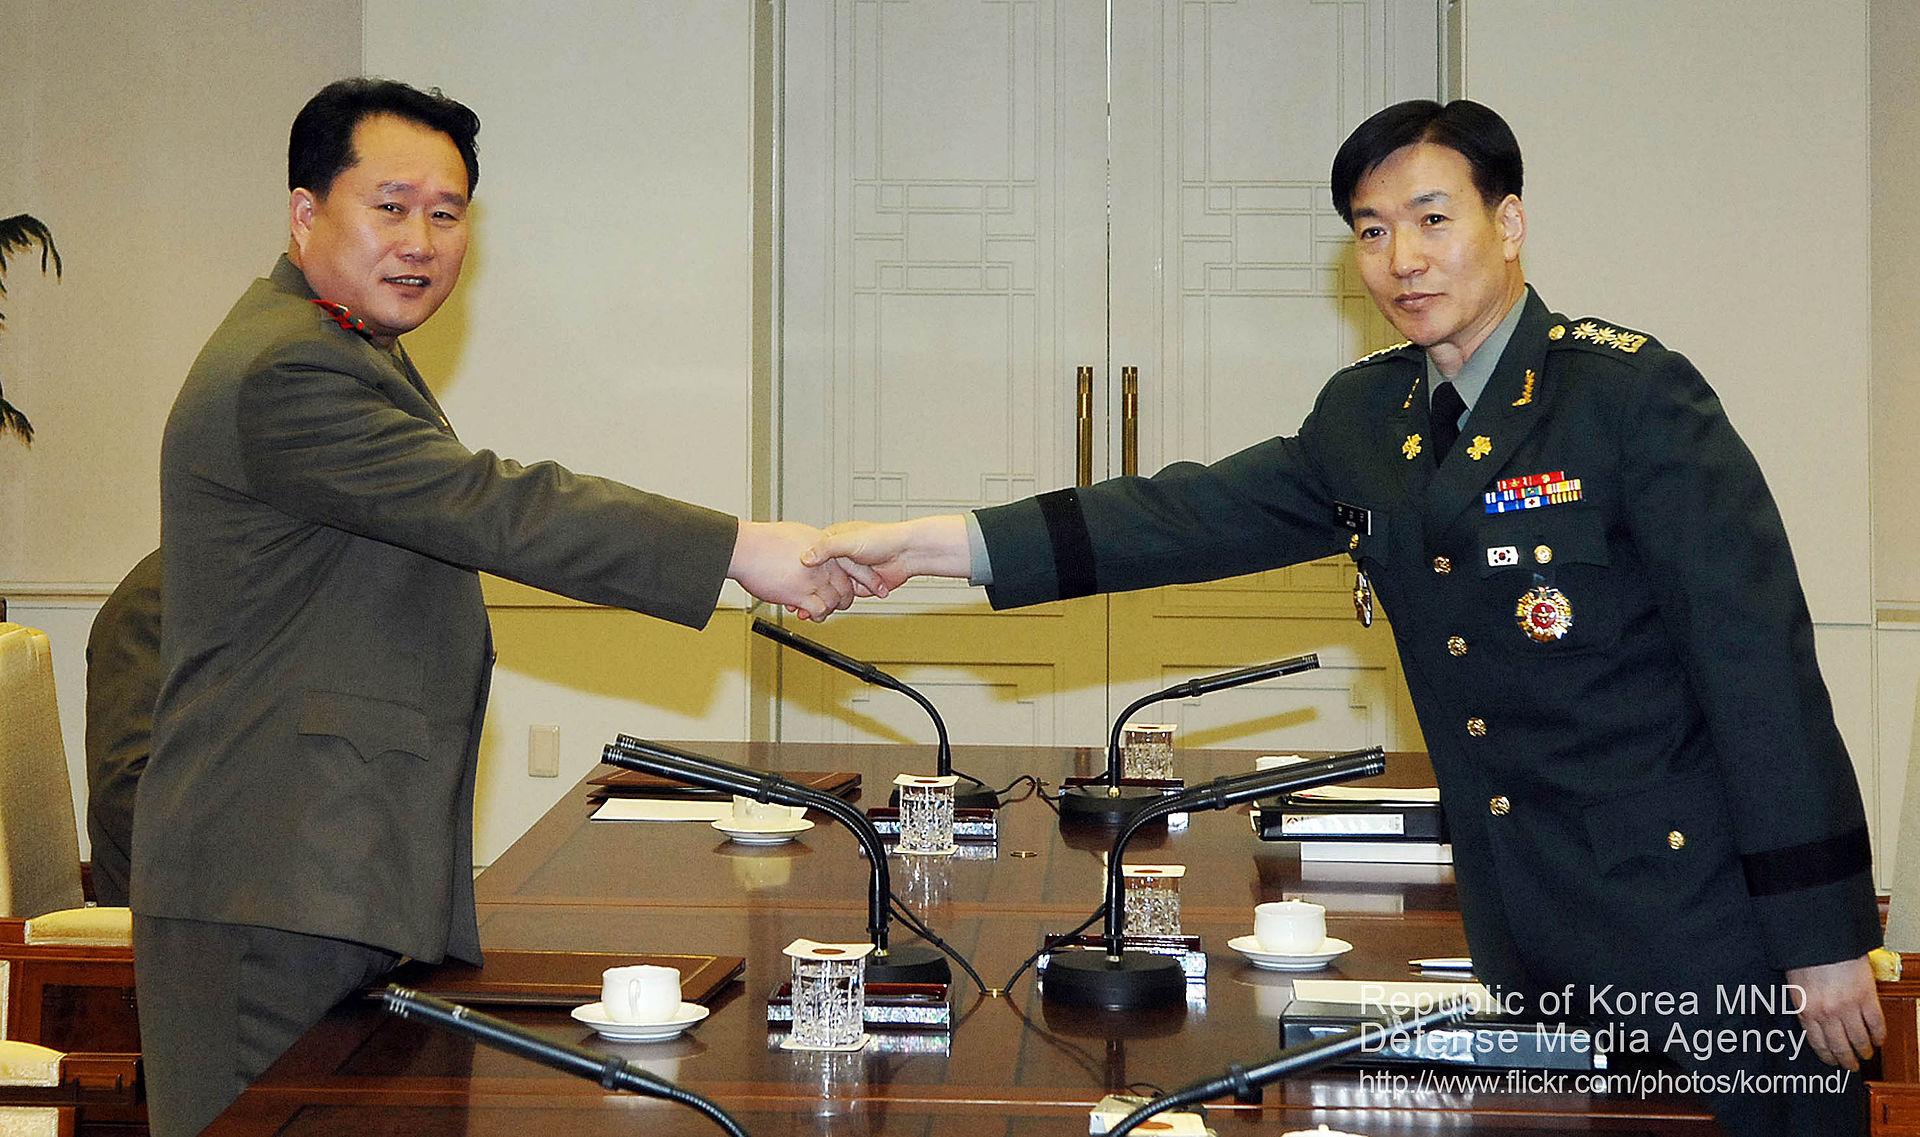 2006年 李善权参添南北将领和南北军原形务座谈 图源:韩国国防部